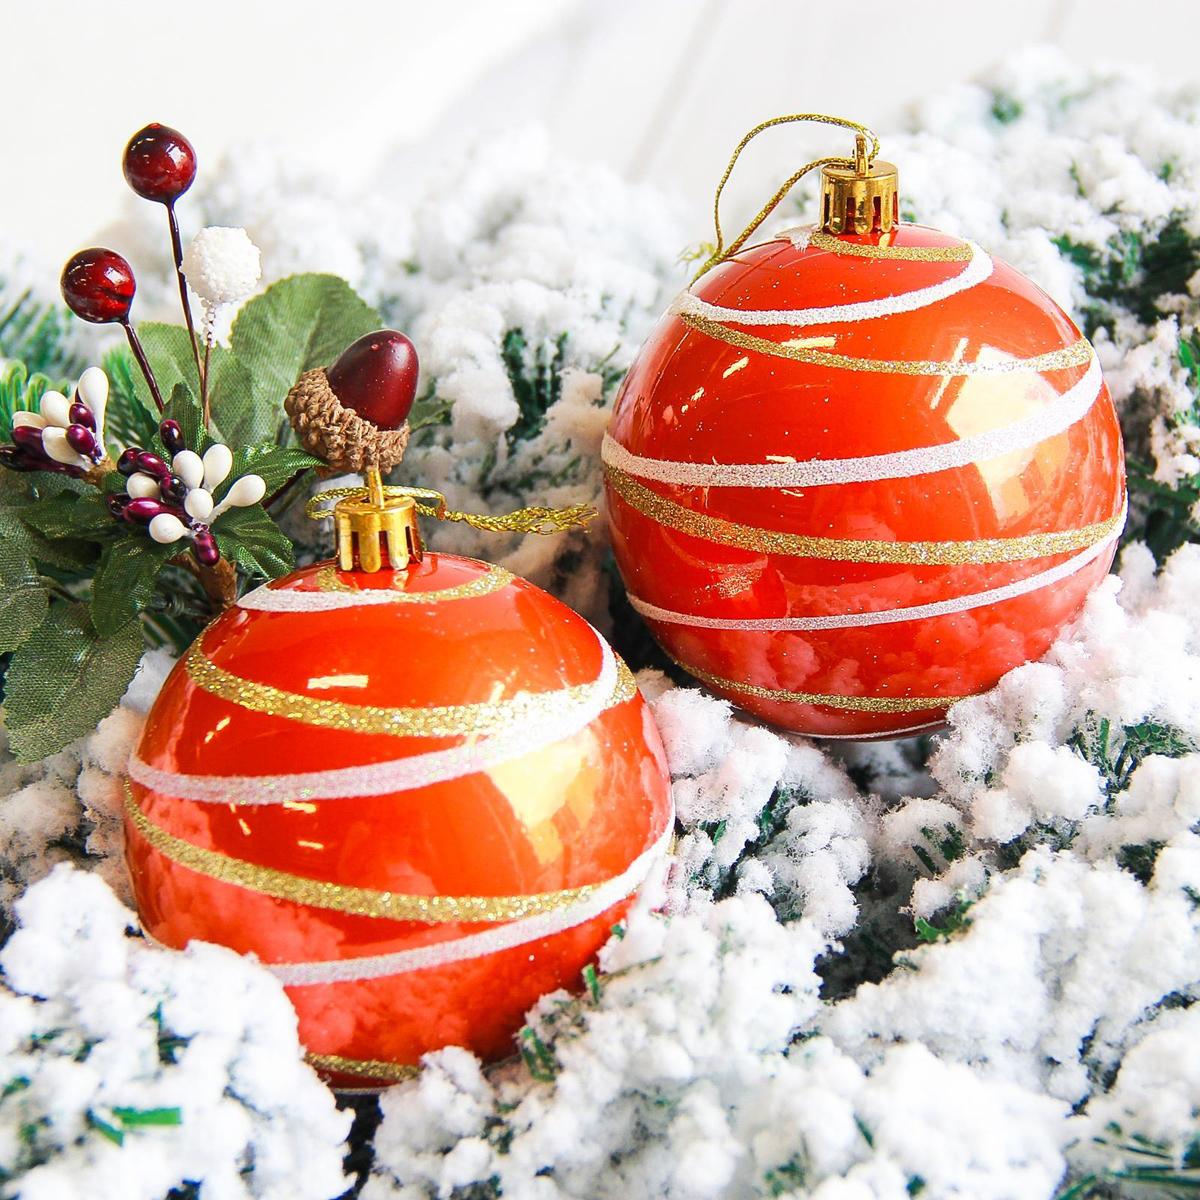 Набор новогодних подвесных украшений Sima-land Орион, цвет: оранжевый, диаметр 8 см, 6 шт. 21781932178193Набор новогодних подвесных украшений Sima-land отлично подойдет для декорации вашего дома и новогодней ели. С помощью специальной петельки украшение можно повесить в любом понравившемся вам месте. Но, конечно, удачнее всего оно будет смотреться на праздничной елке. Елочная игрушка - символ Нового года. Она несет в себе волшебство и красоту праздника. Создайте в своем доме атмосферу веселья и радости, украшая новогоднюю елку нарядными игрушками, которые будут из года в год накапливать теплоту воспоминаний.